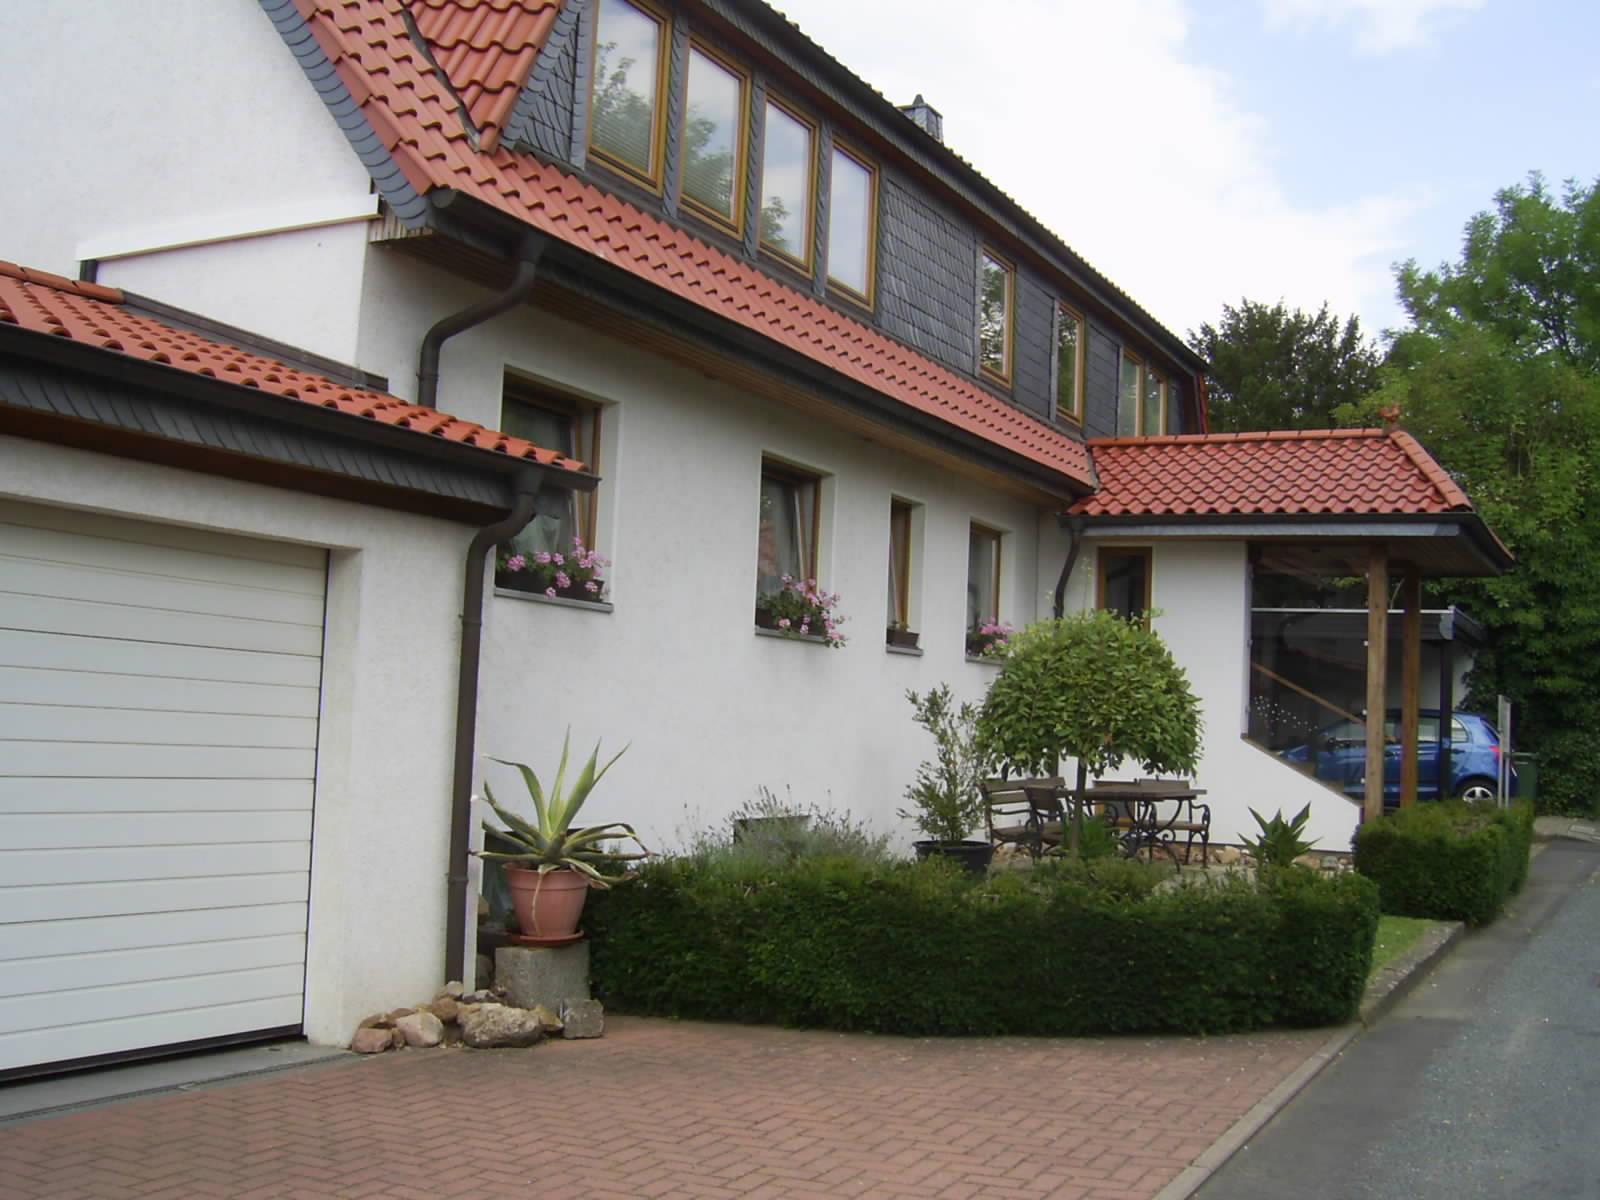 Monteurzimmer 31162 Bad Salzdetfurth OT Lechstedt